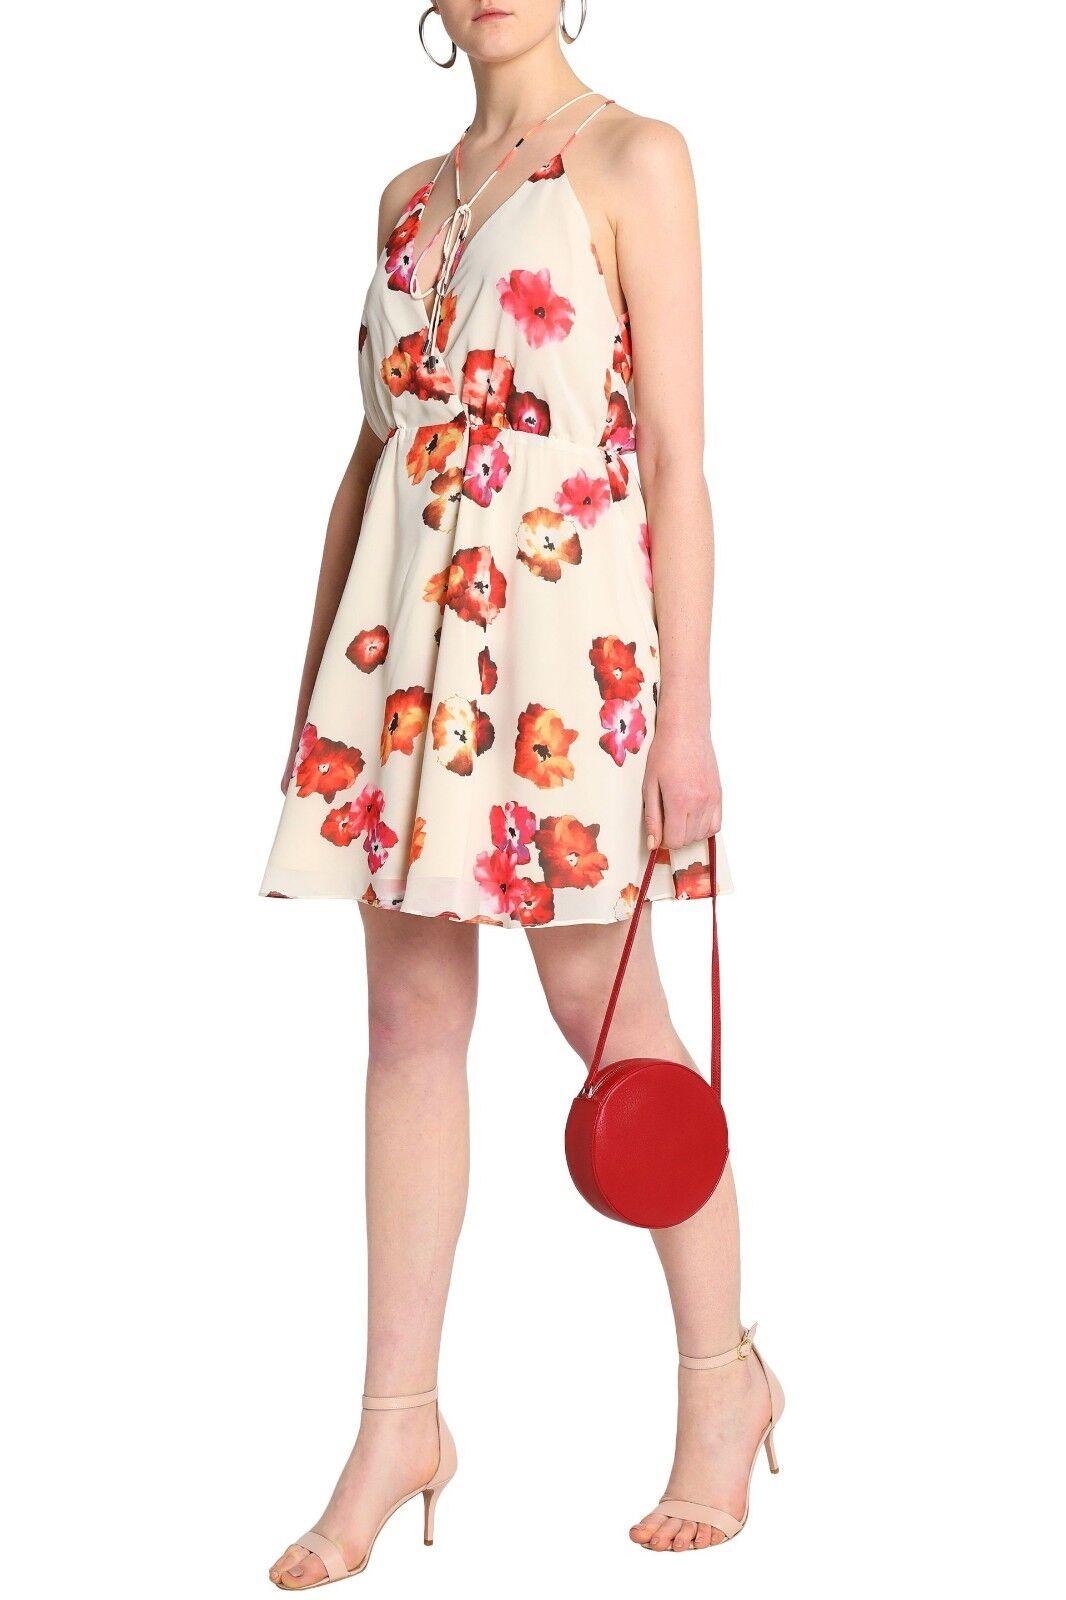 HAUTE HIPPIE Harmony Tie Dye Floral Wrap Dress Größe M NWT